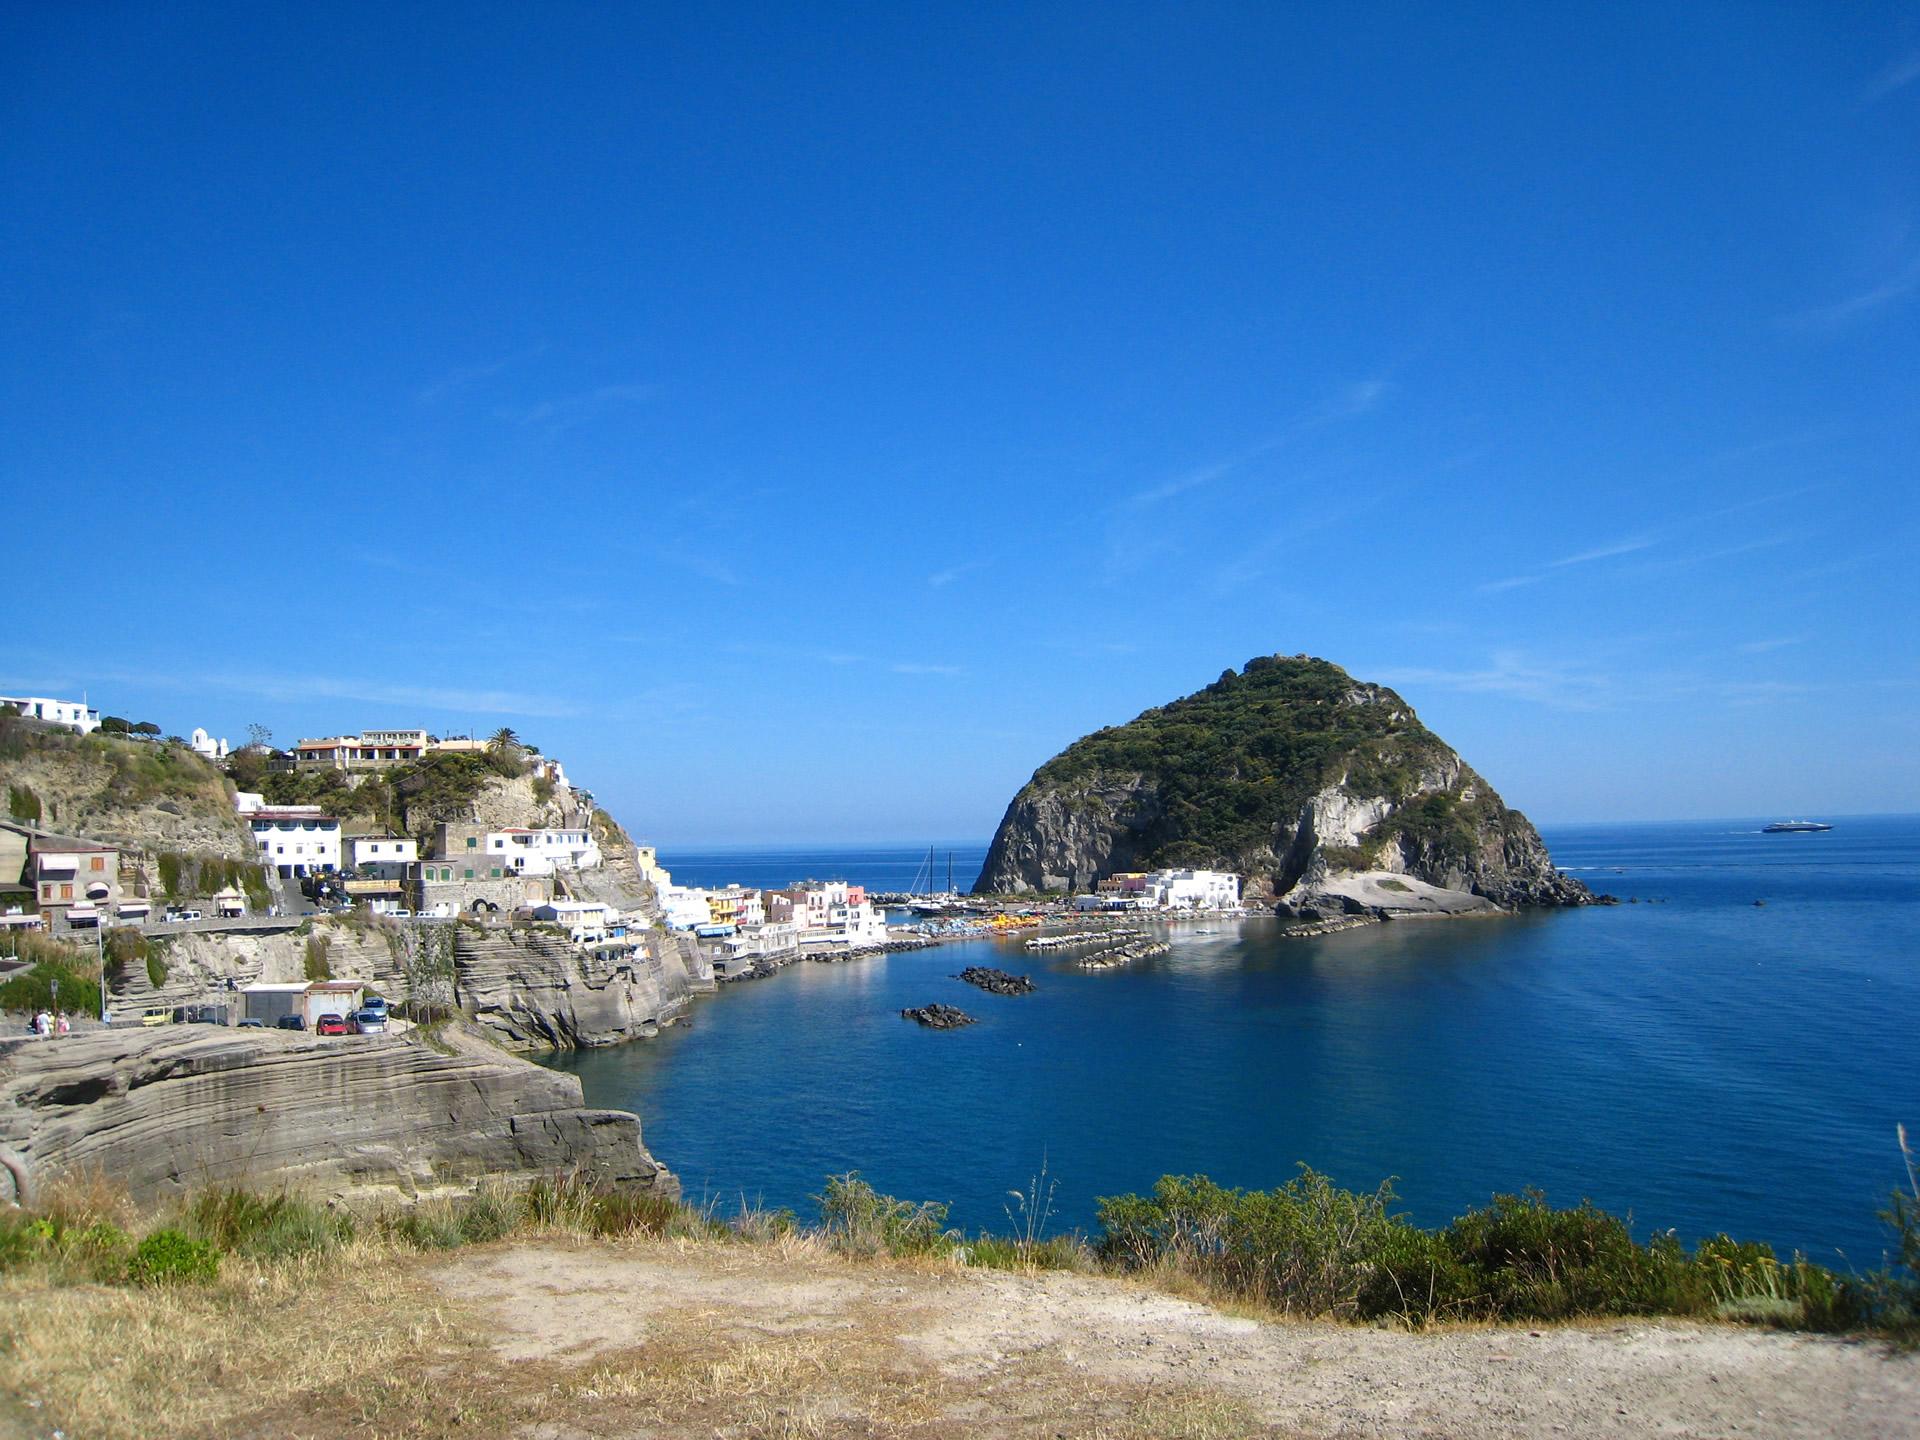 La vacanza perfetta: hai mai pensato ad Ischia?